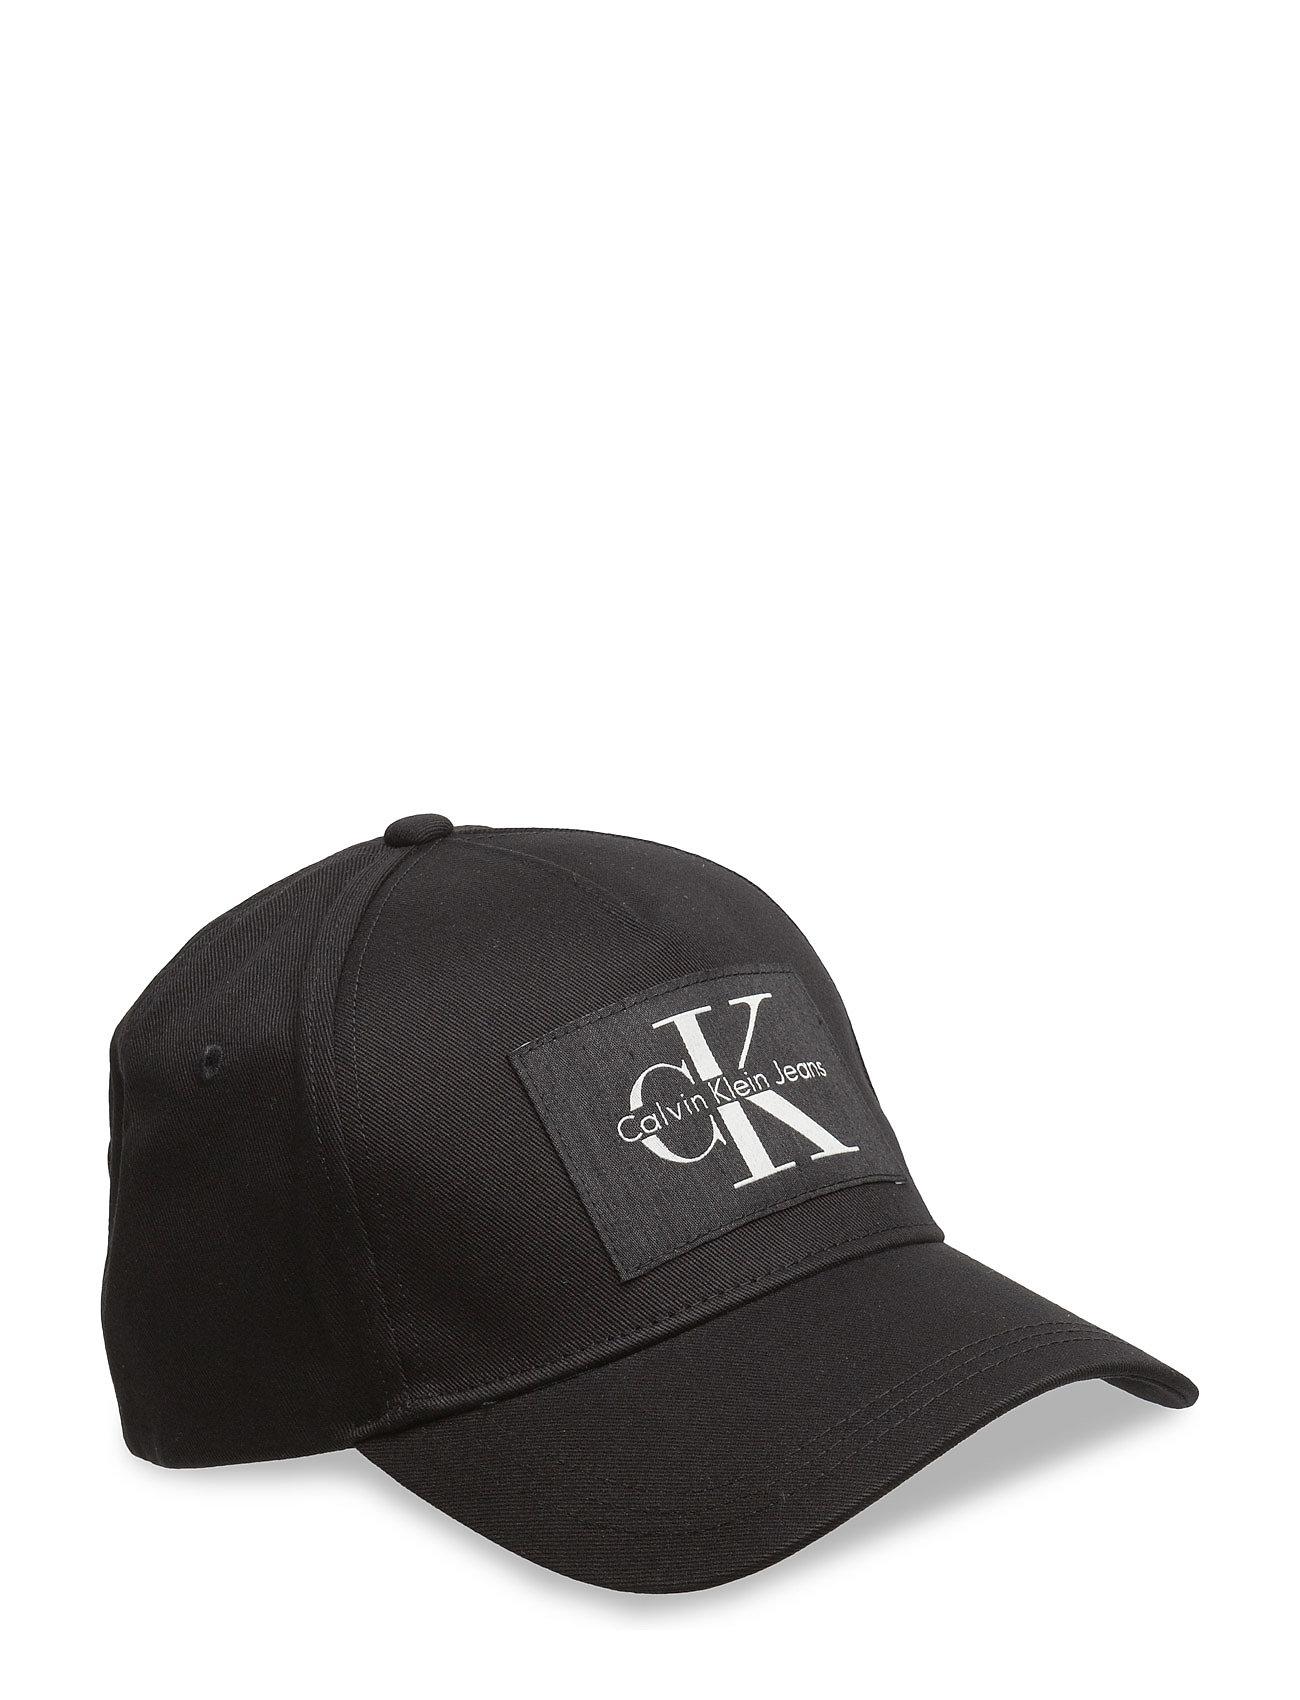 Re-Issue Baseball Ca Calvin Klein Caps